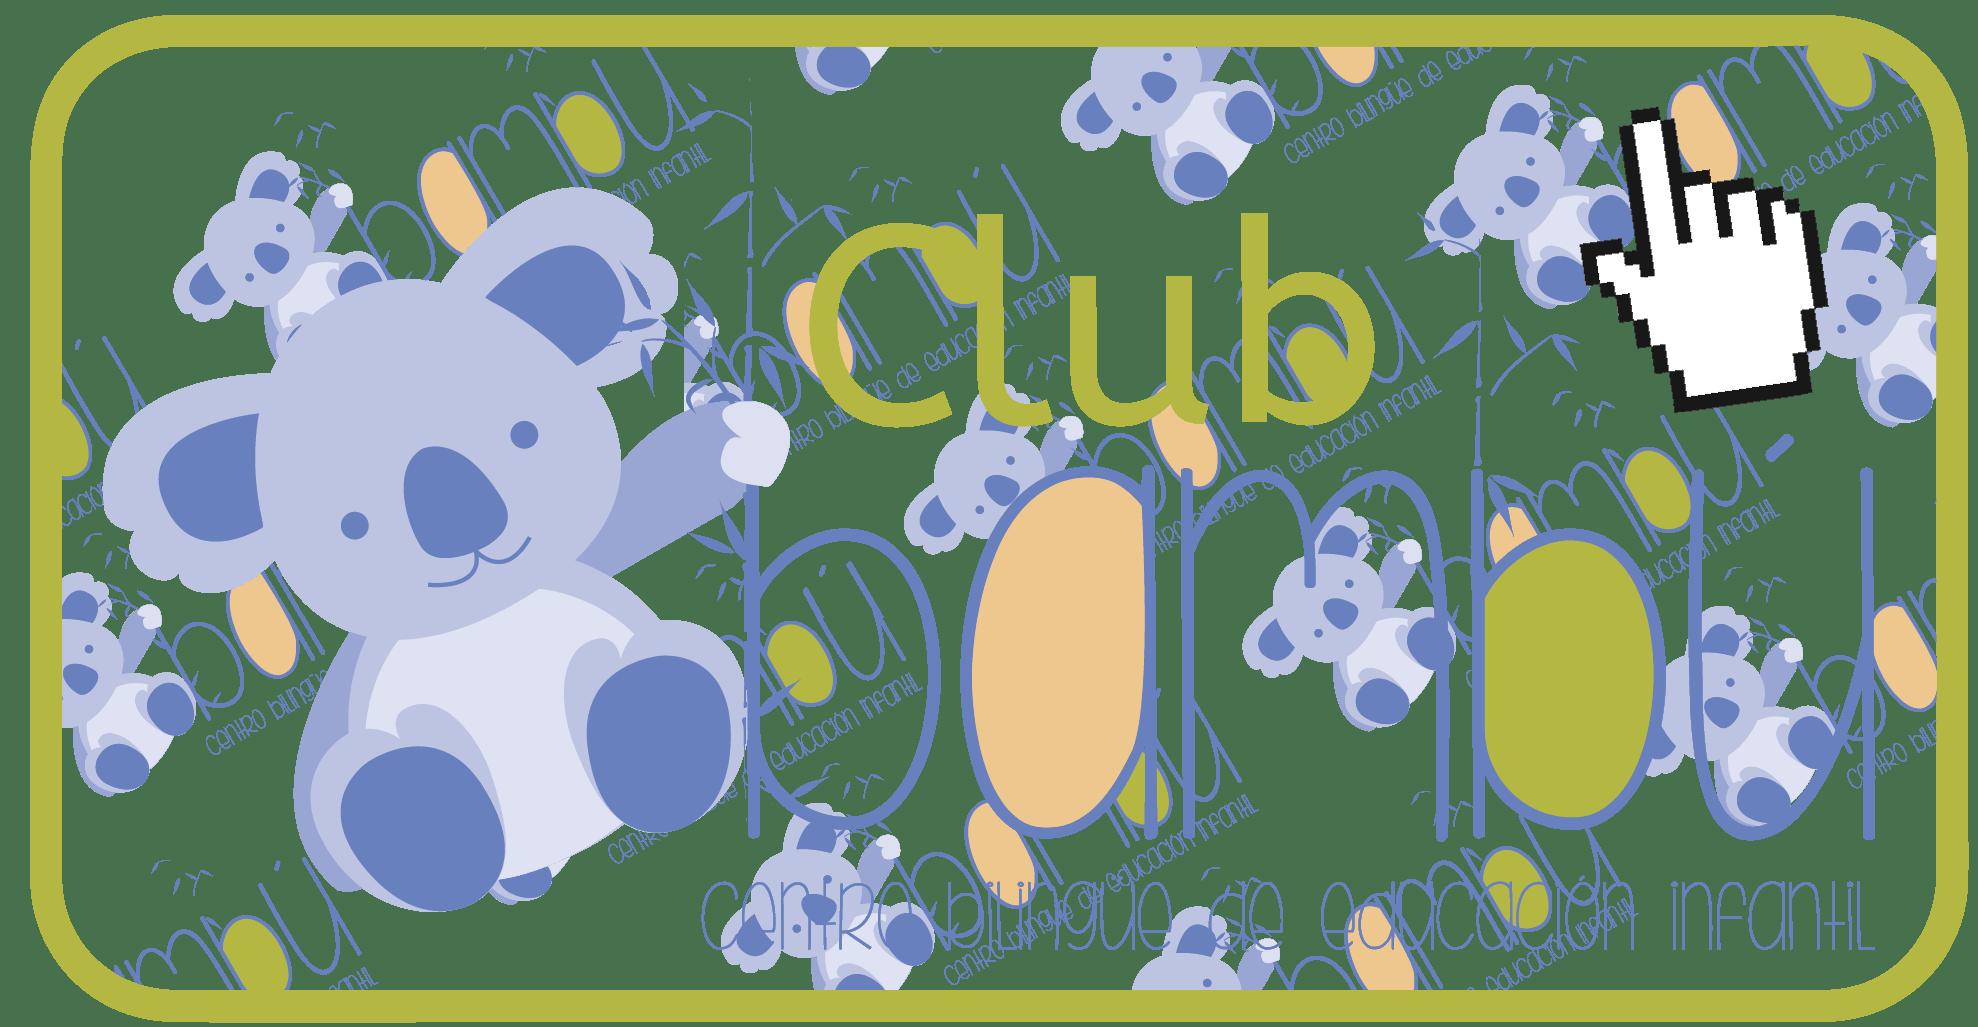 ¿Conoces las ventajas del Club Bambú?